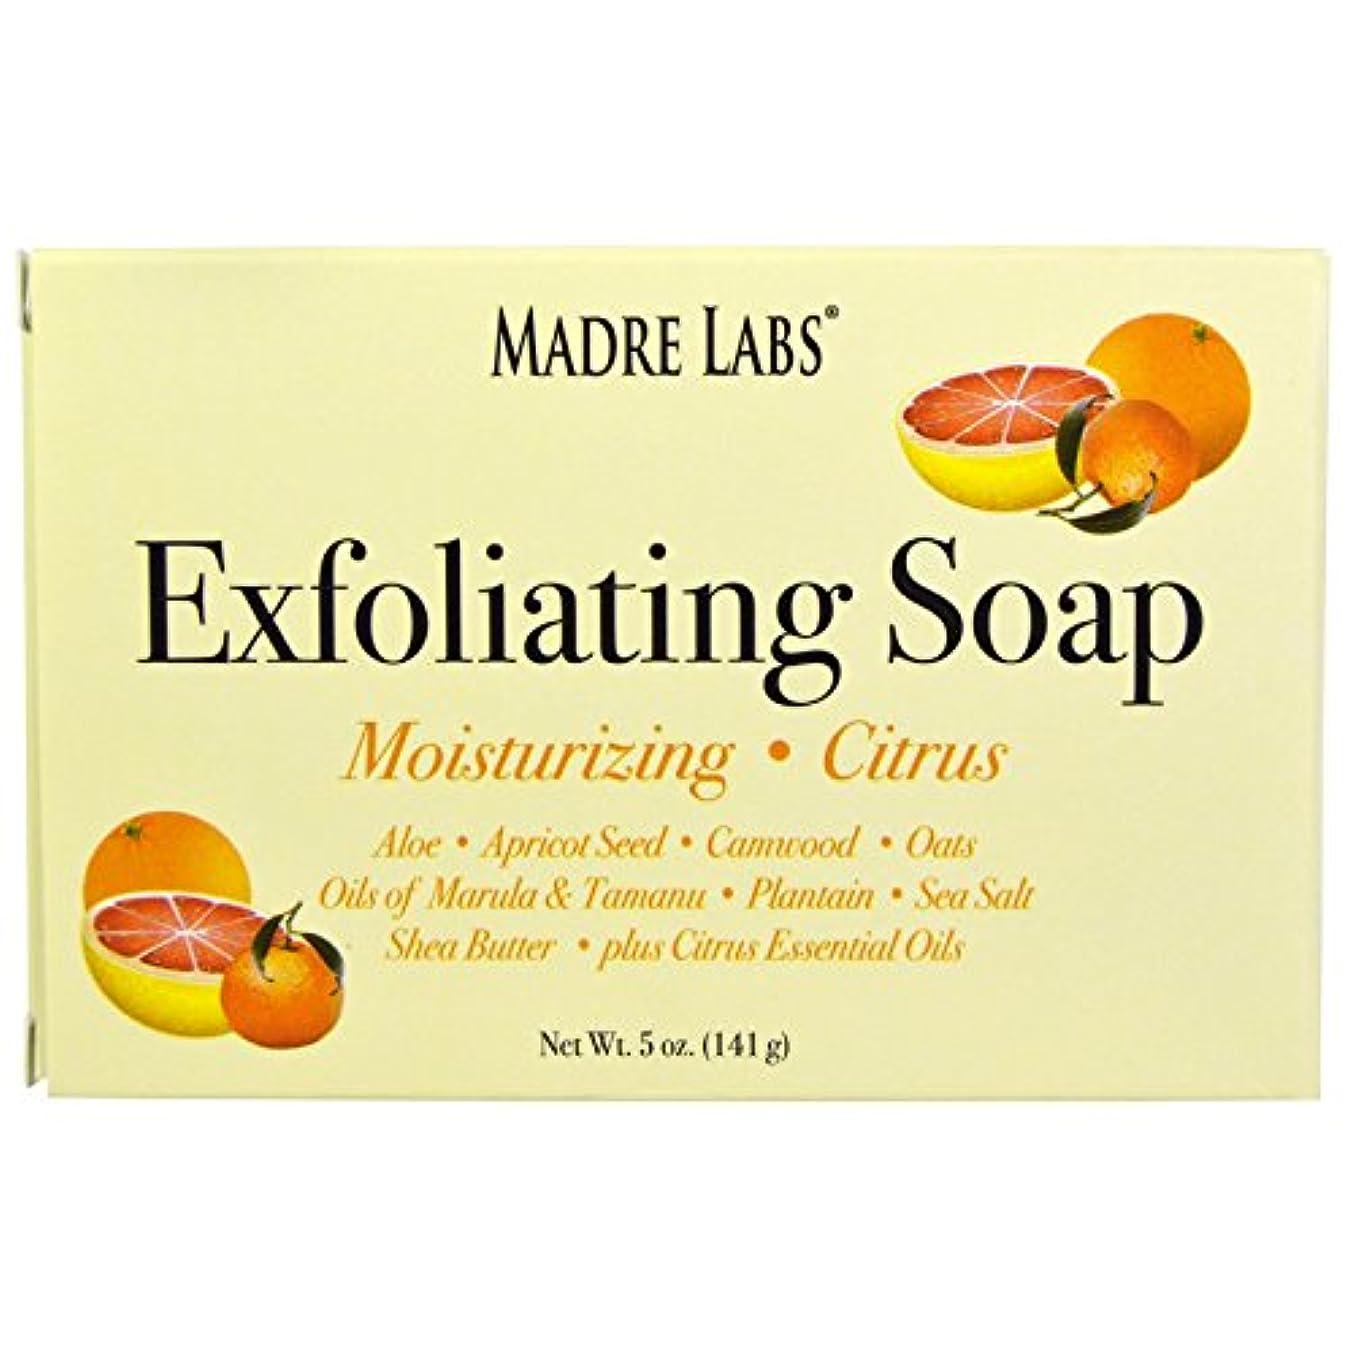 ブラケット書店音楽を聴くマドレラブ シアバター入り石鹸 柑橘フレーバー Madre Labs Exfoliating Soap Bar with Marula & Tamanu Oils plus Shea Butter